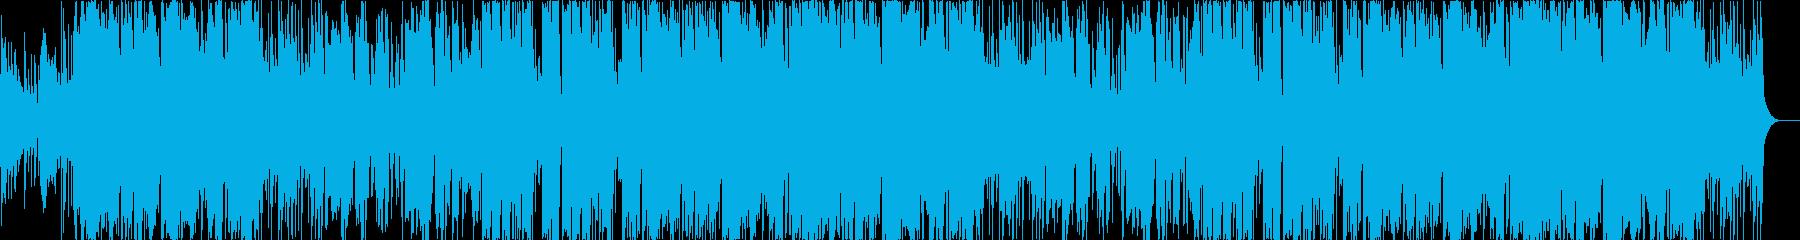 異世界・ファンタジーのロックBGMの再生済みの波形